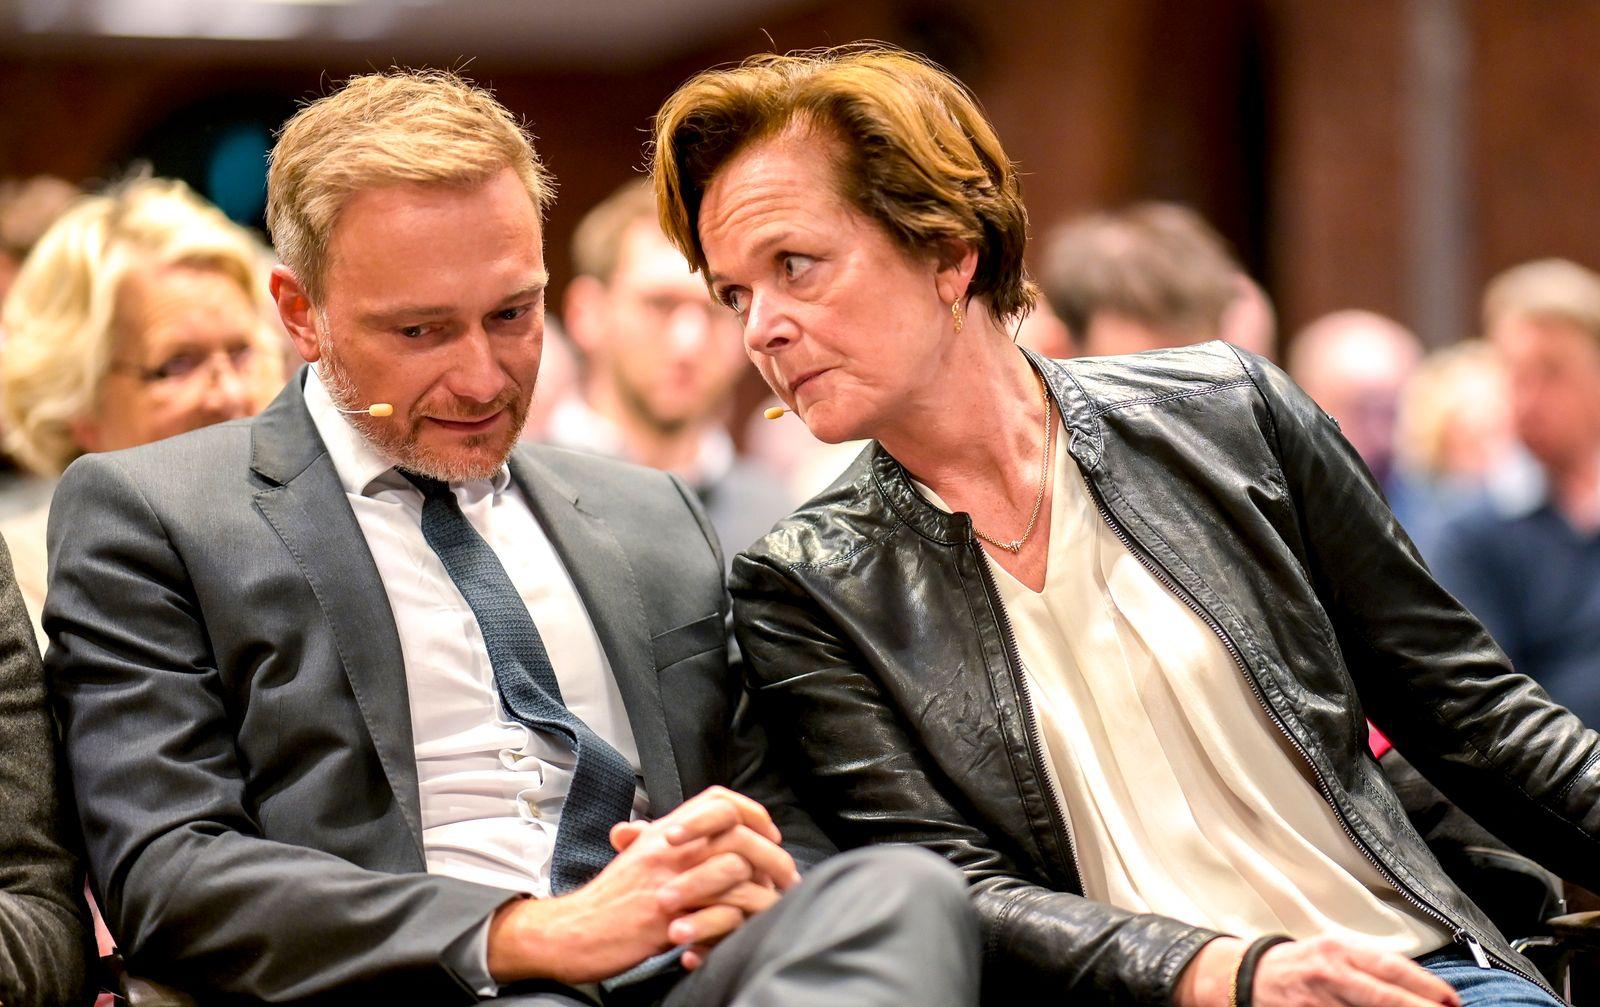 Wahlkampfveranstaltung der Hamburger FDP